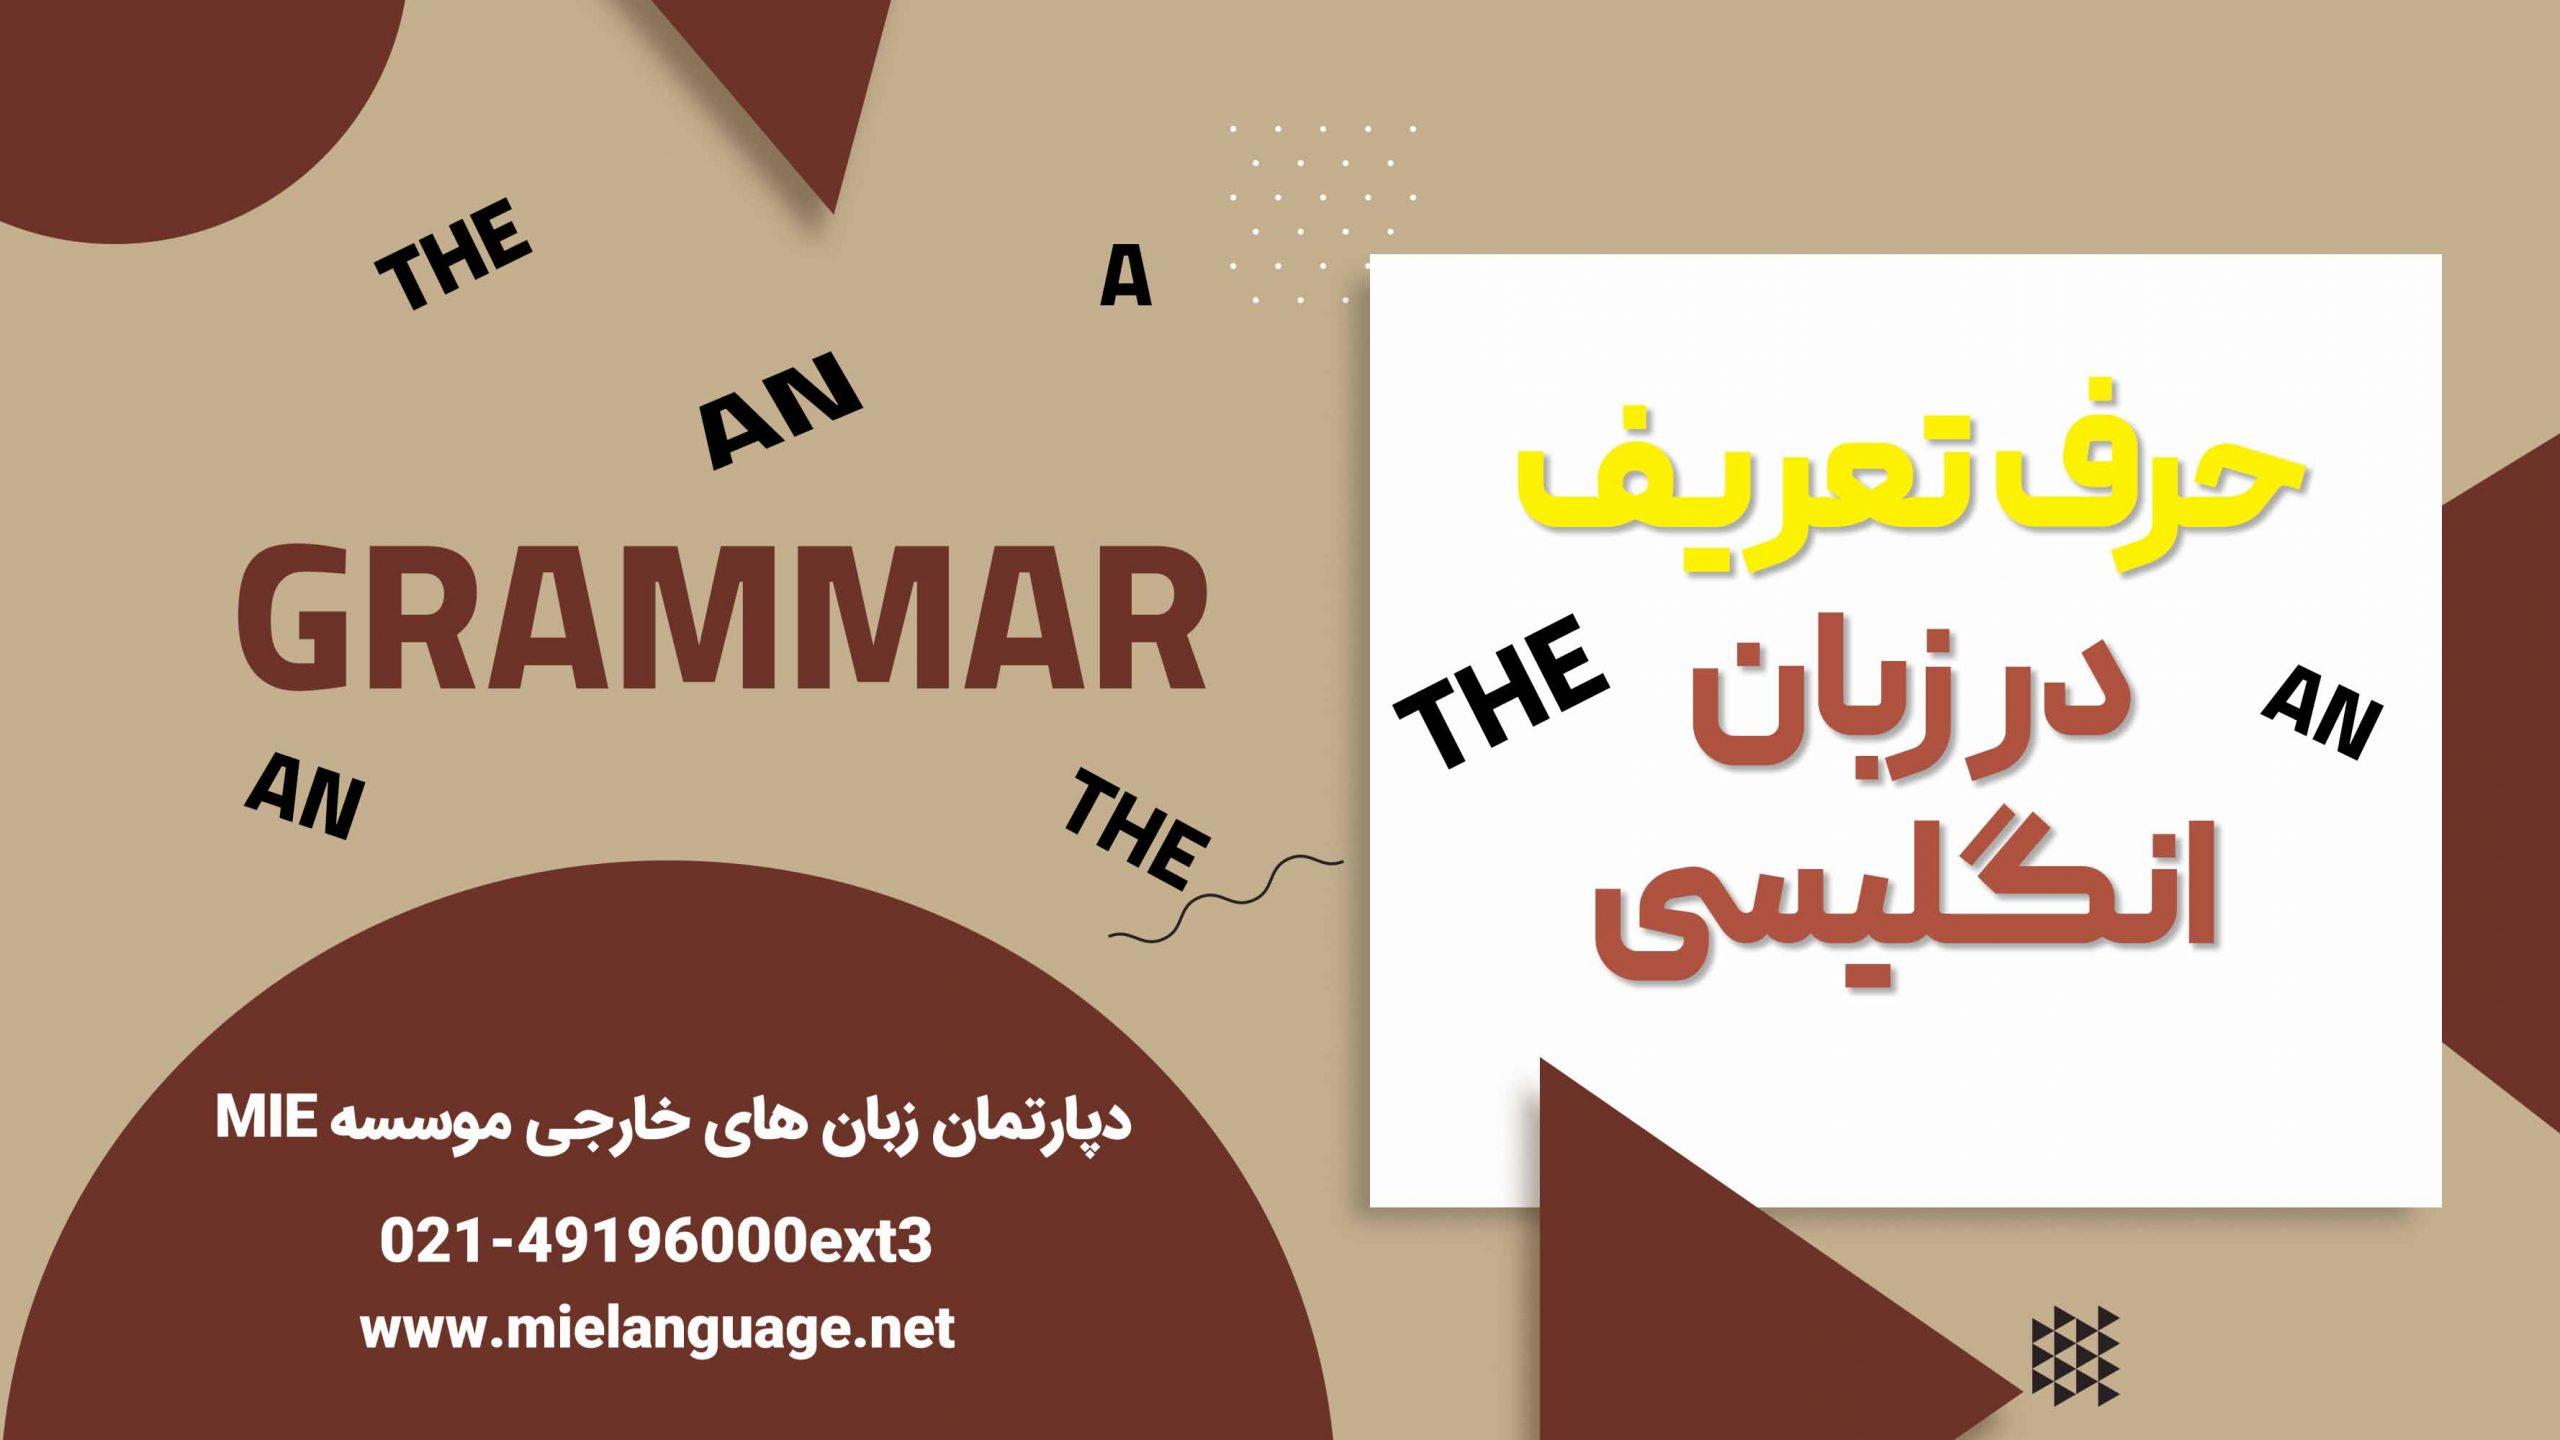 ساده ترین روش یادگیری حرف تعریف در زبان انگلیسی